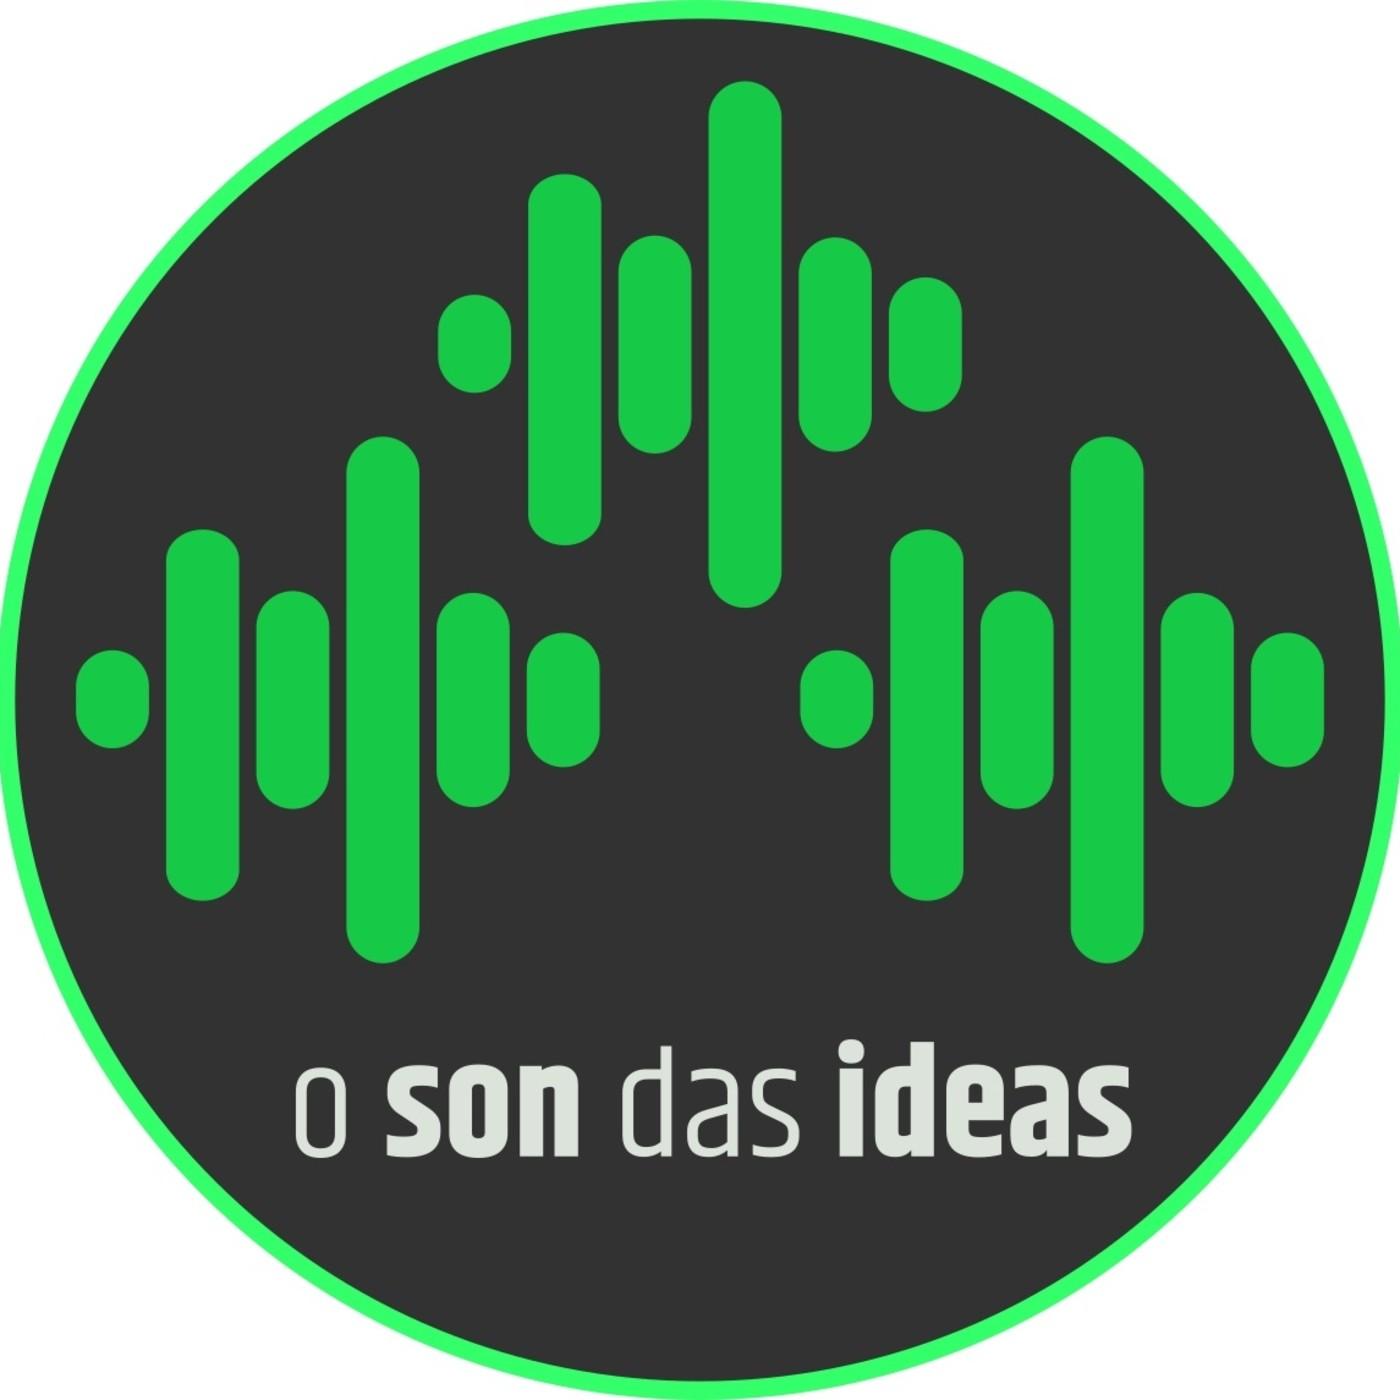 O Son das Ideas